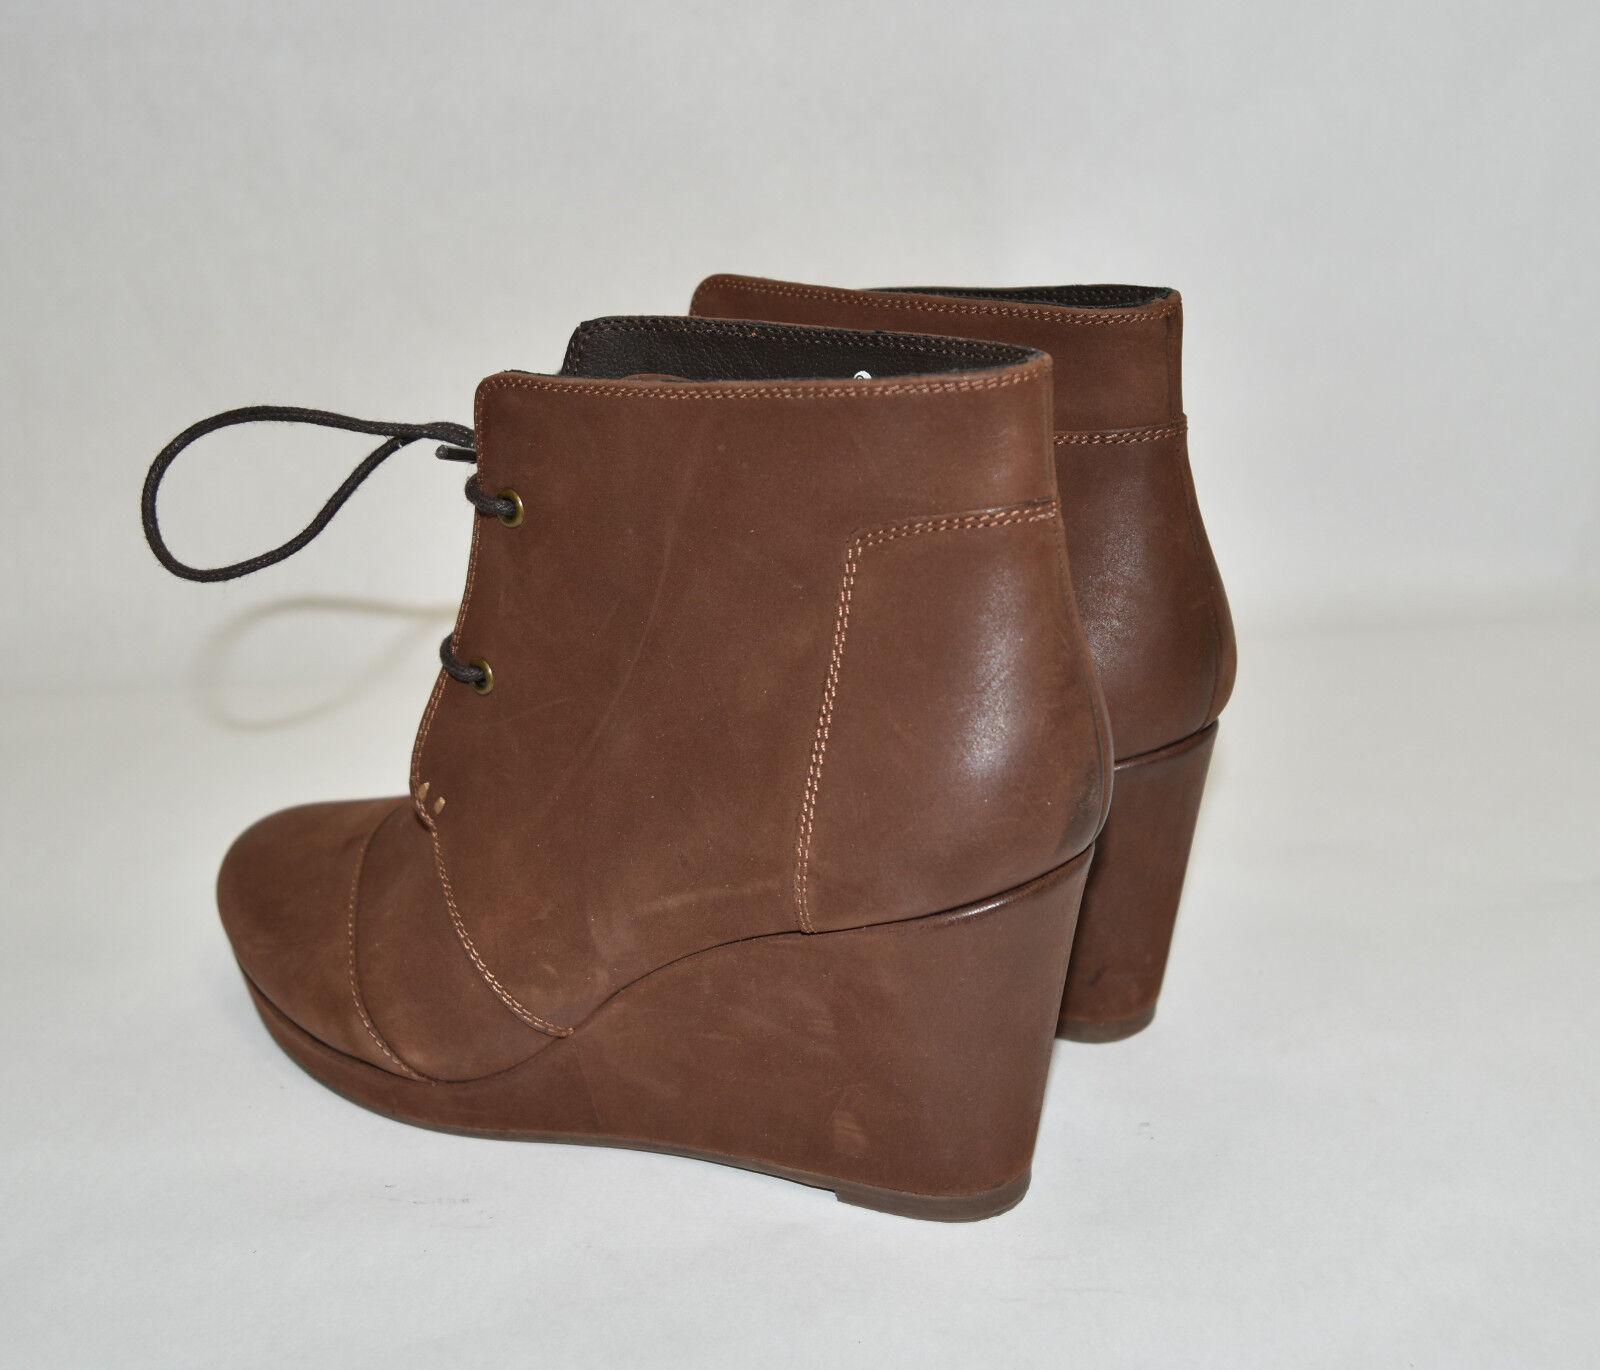 New  Blondo Paige Waterproof Wedge Stiefelie Stiefelie Stiefelie braun Nubuck Suede  Platform Größe 7.5 048a57